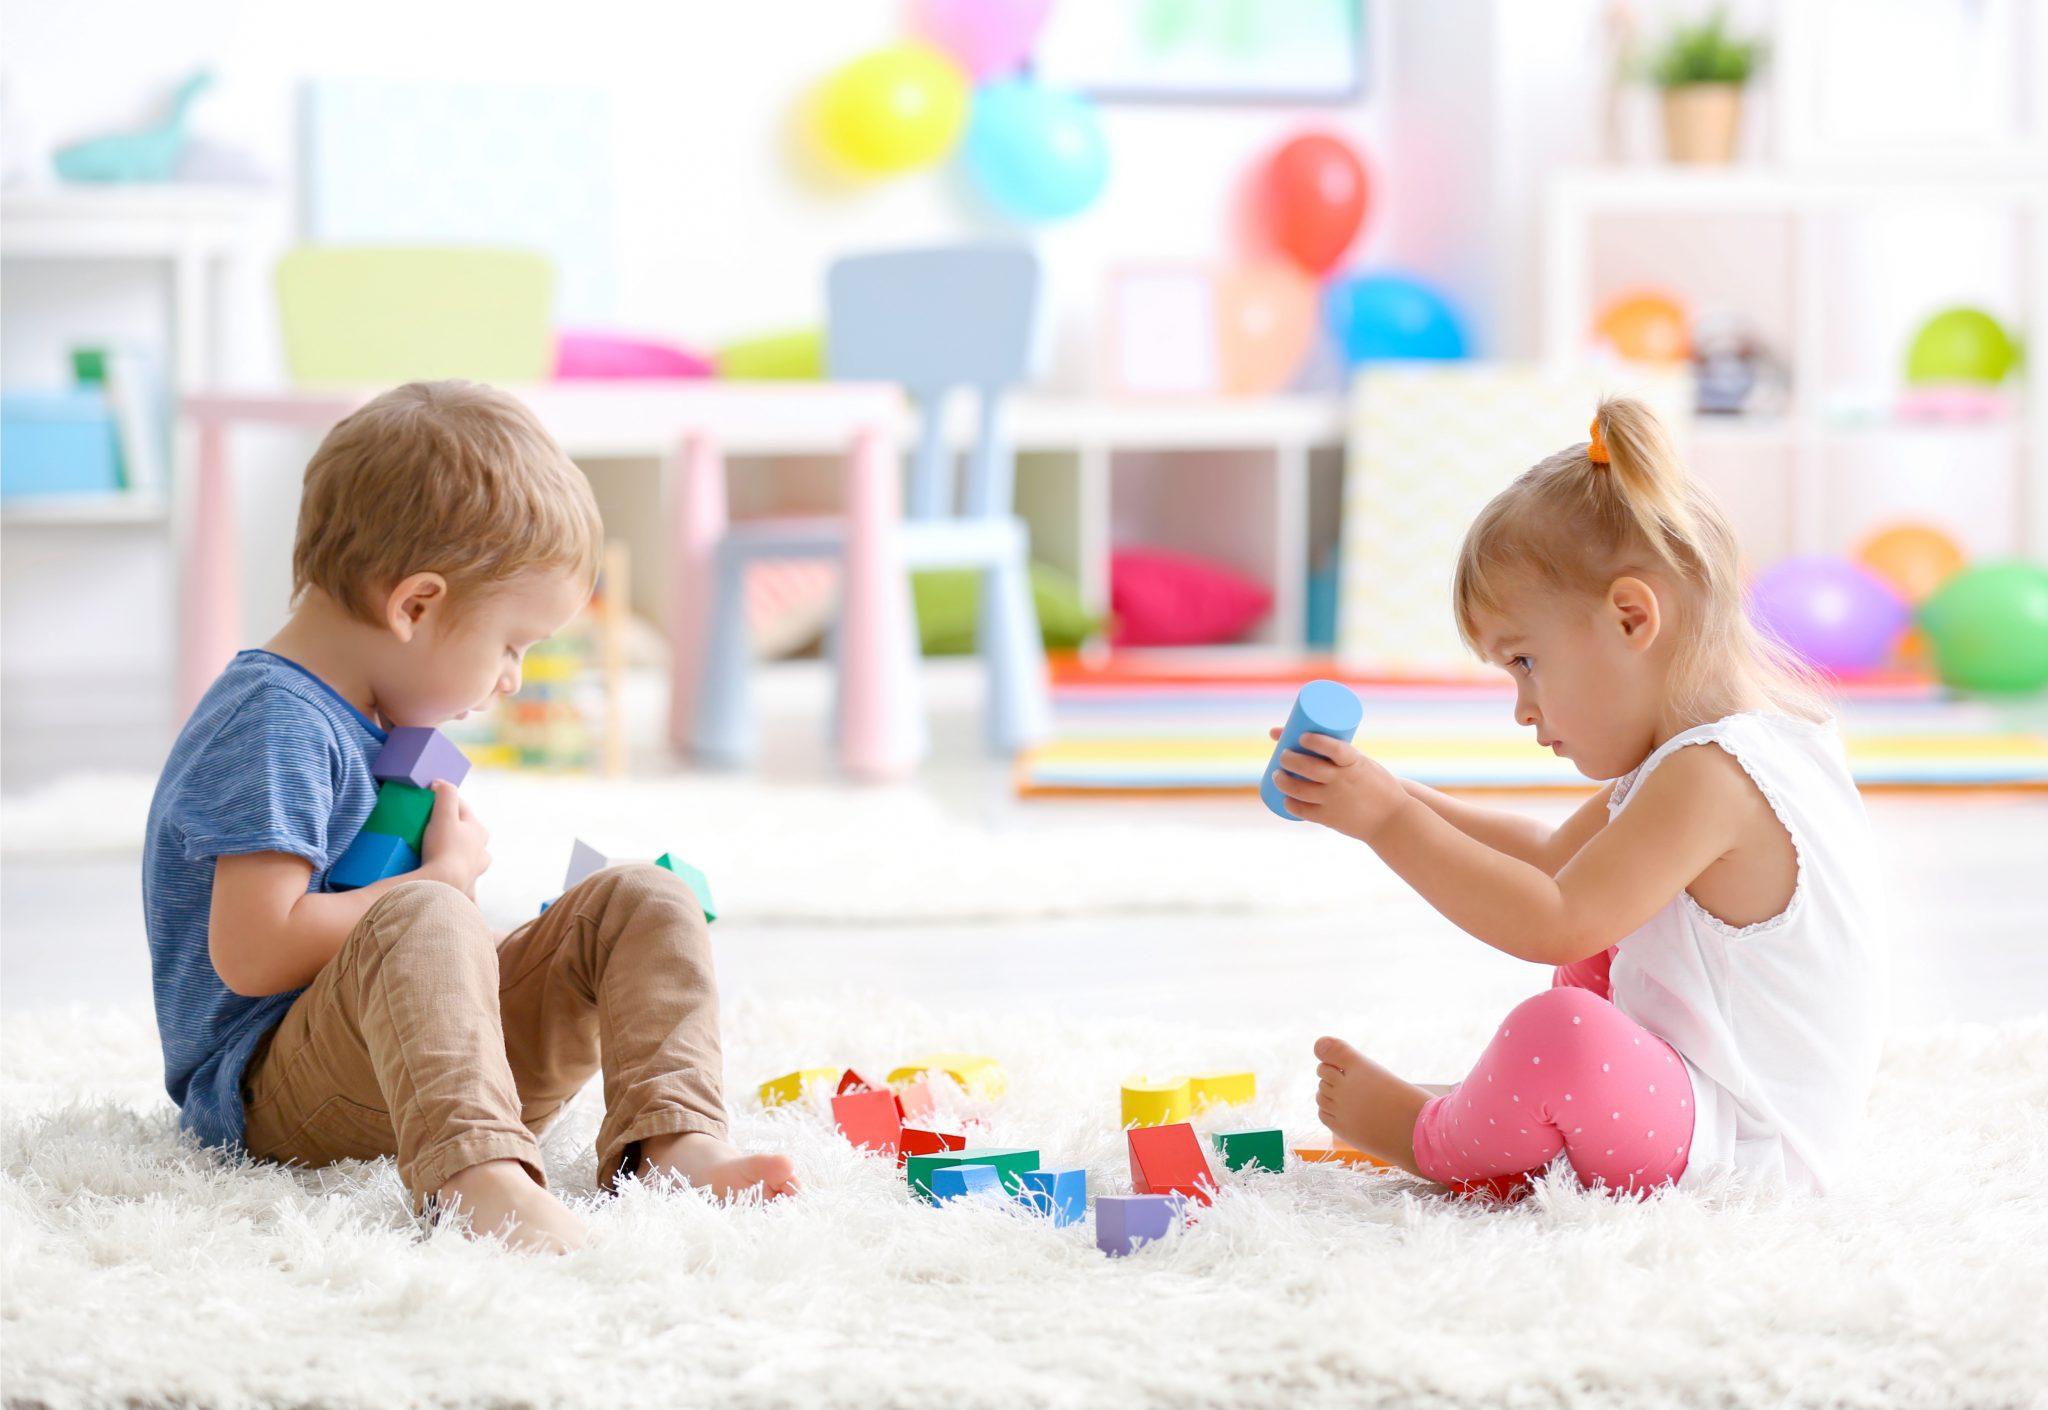 ブロックのおもちゃで遊んでいる3歳の男の子と女の子